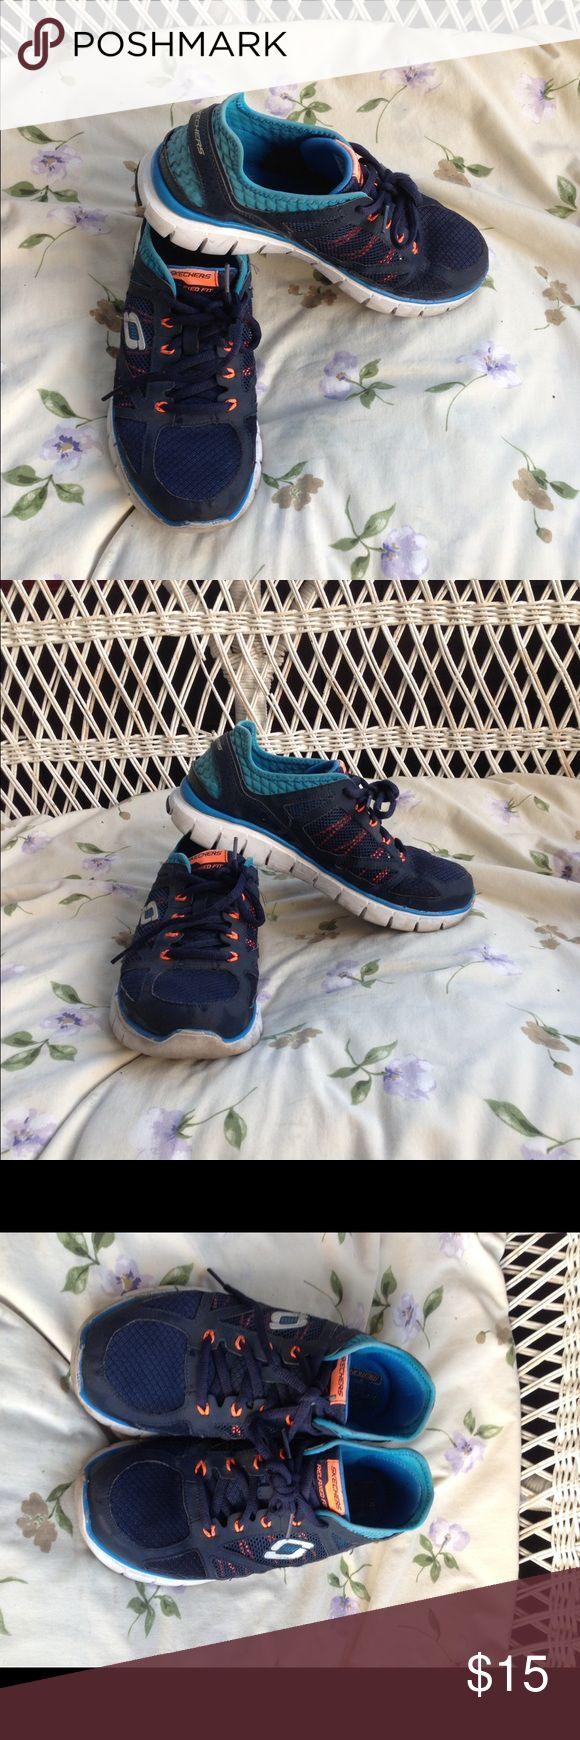 Sketchers walking shoes. Blue and orange men's Sketchers. Skechers Shoes Sneakers